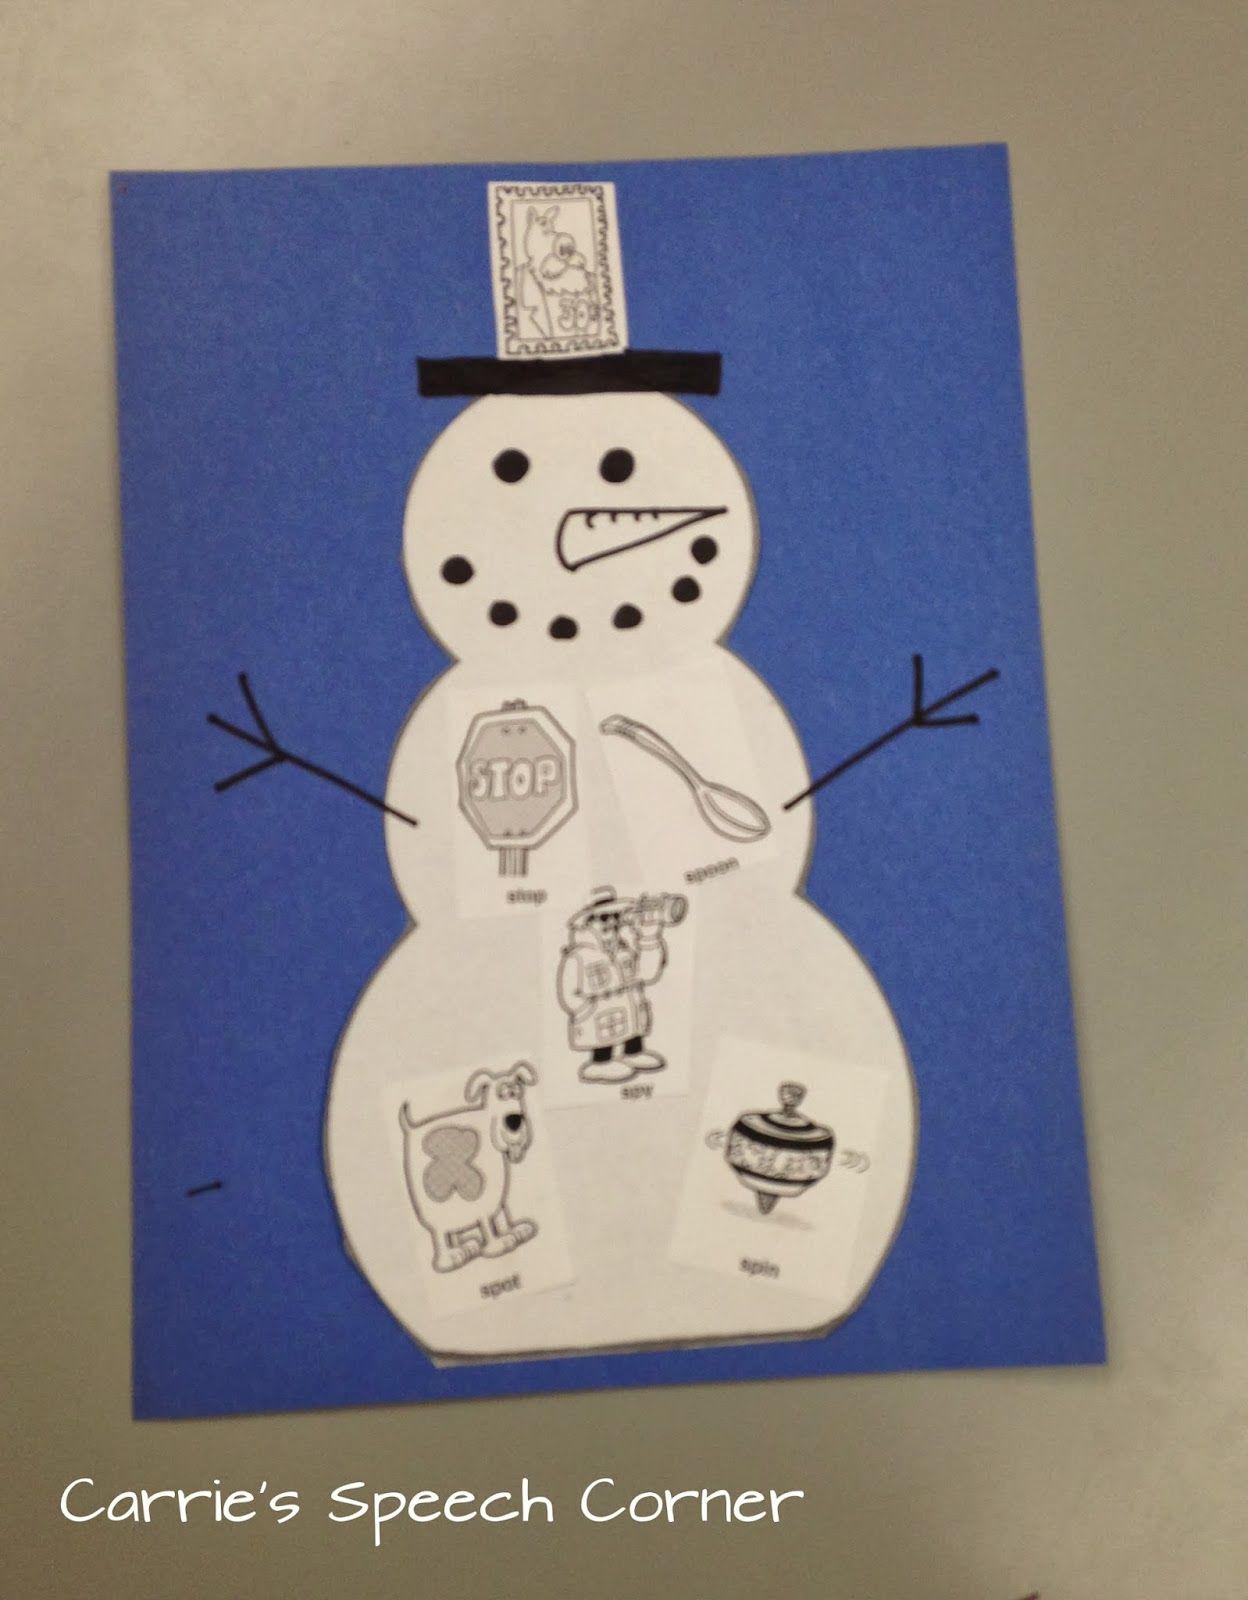 Carrie S Speech Corner Book Of The Week Sneezy The Snowman Amp S Blend Snowman Craft